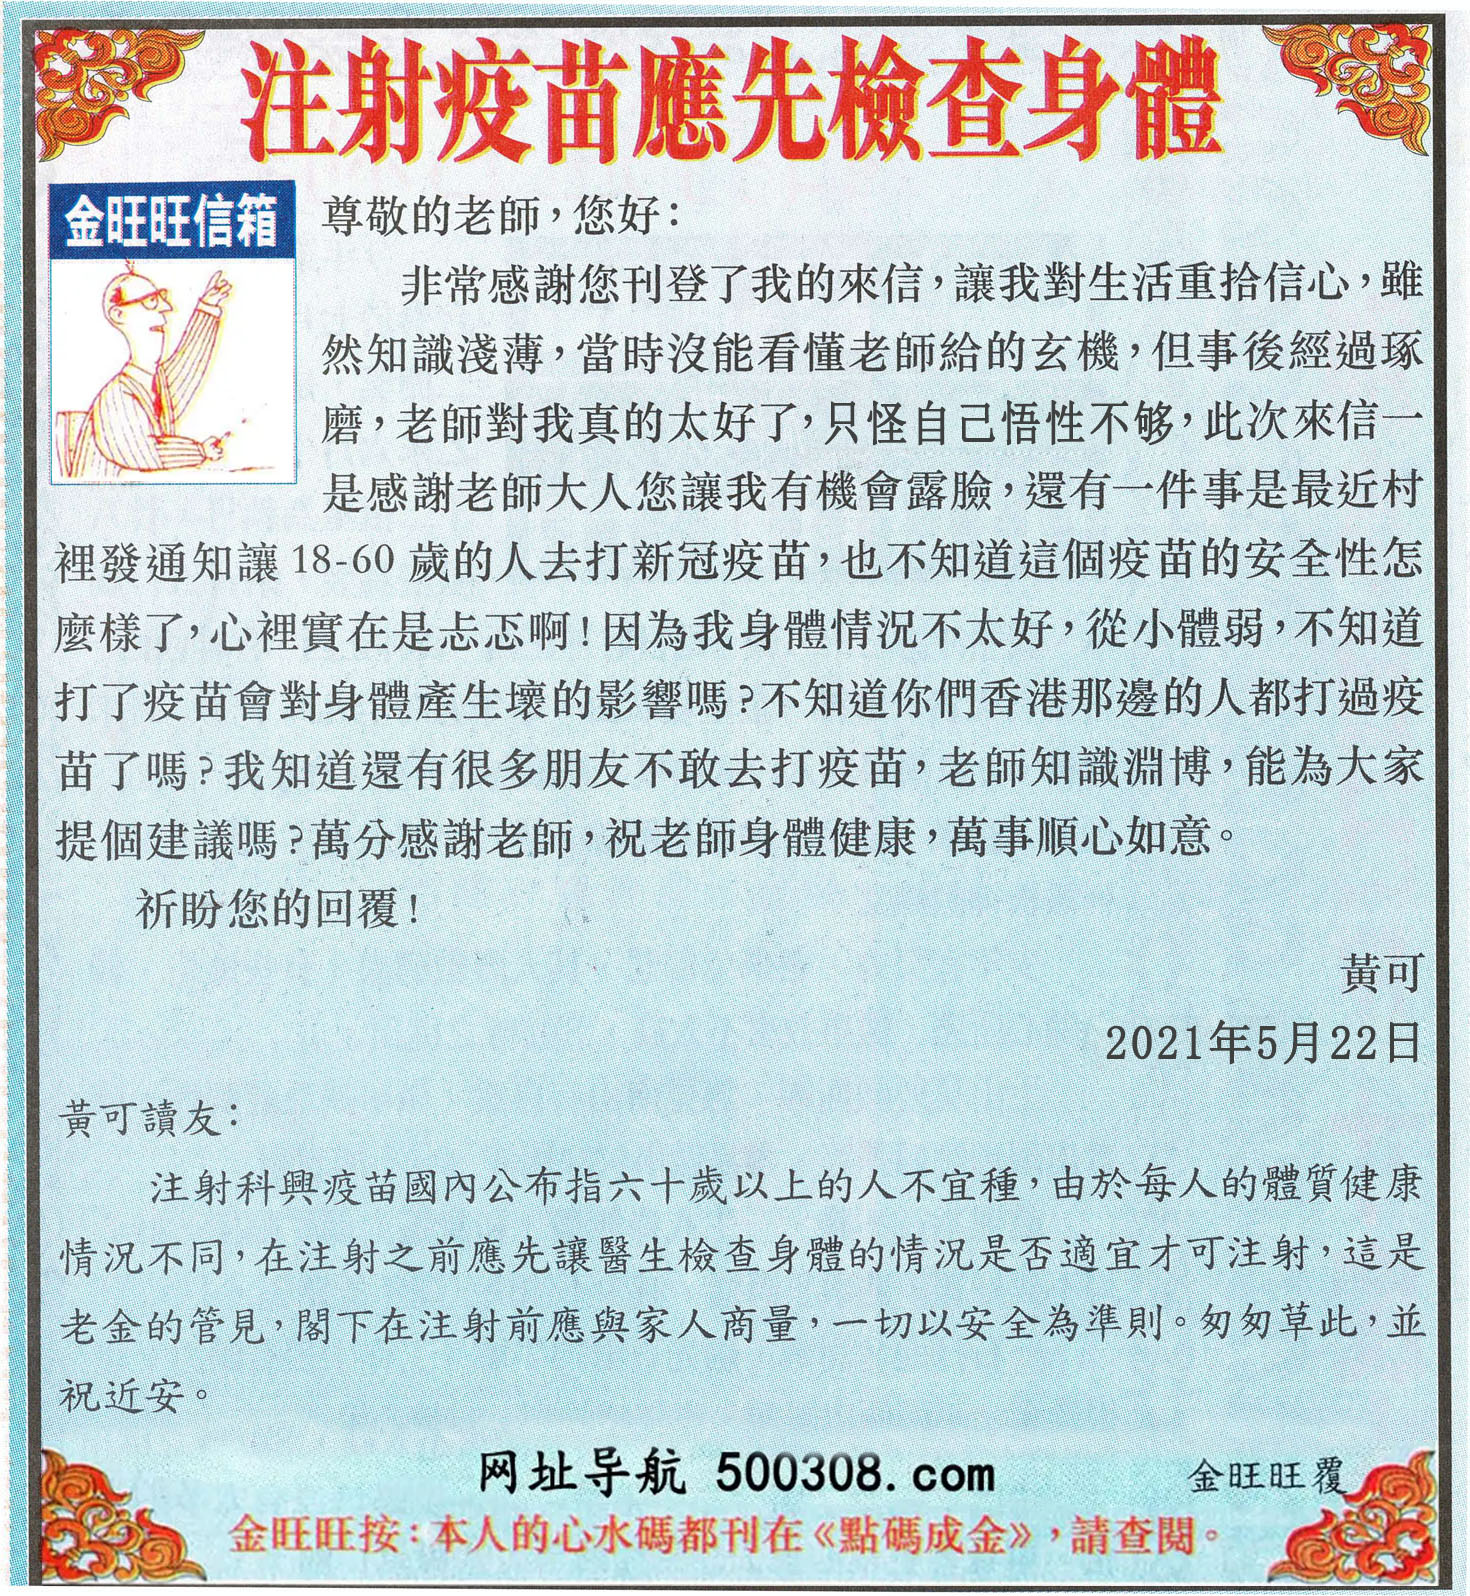 063期:金旺旺信箱彩民推荐→→《注射疫苗��先�z查身�w》